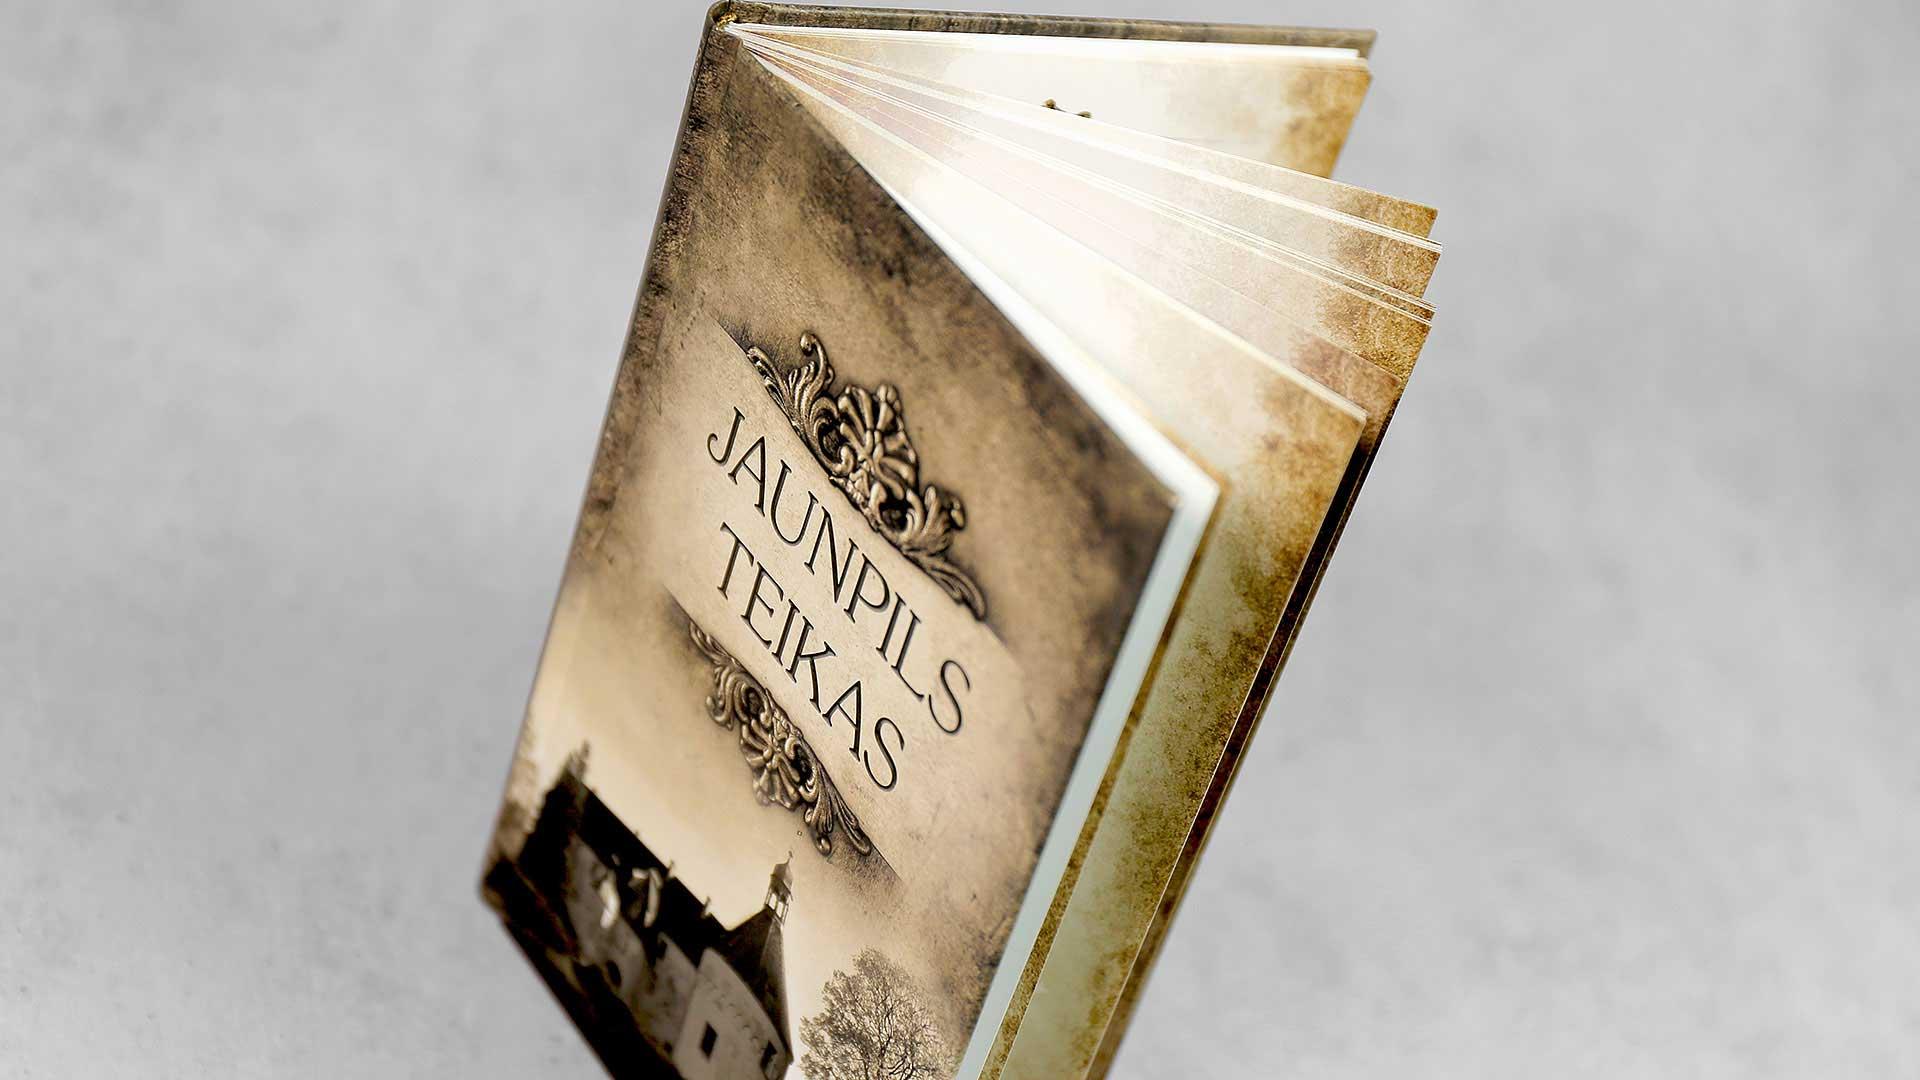 Grāmatu drukāšana JaupGrāmatu drukāšana Jaupils Teikasils Teikas